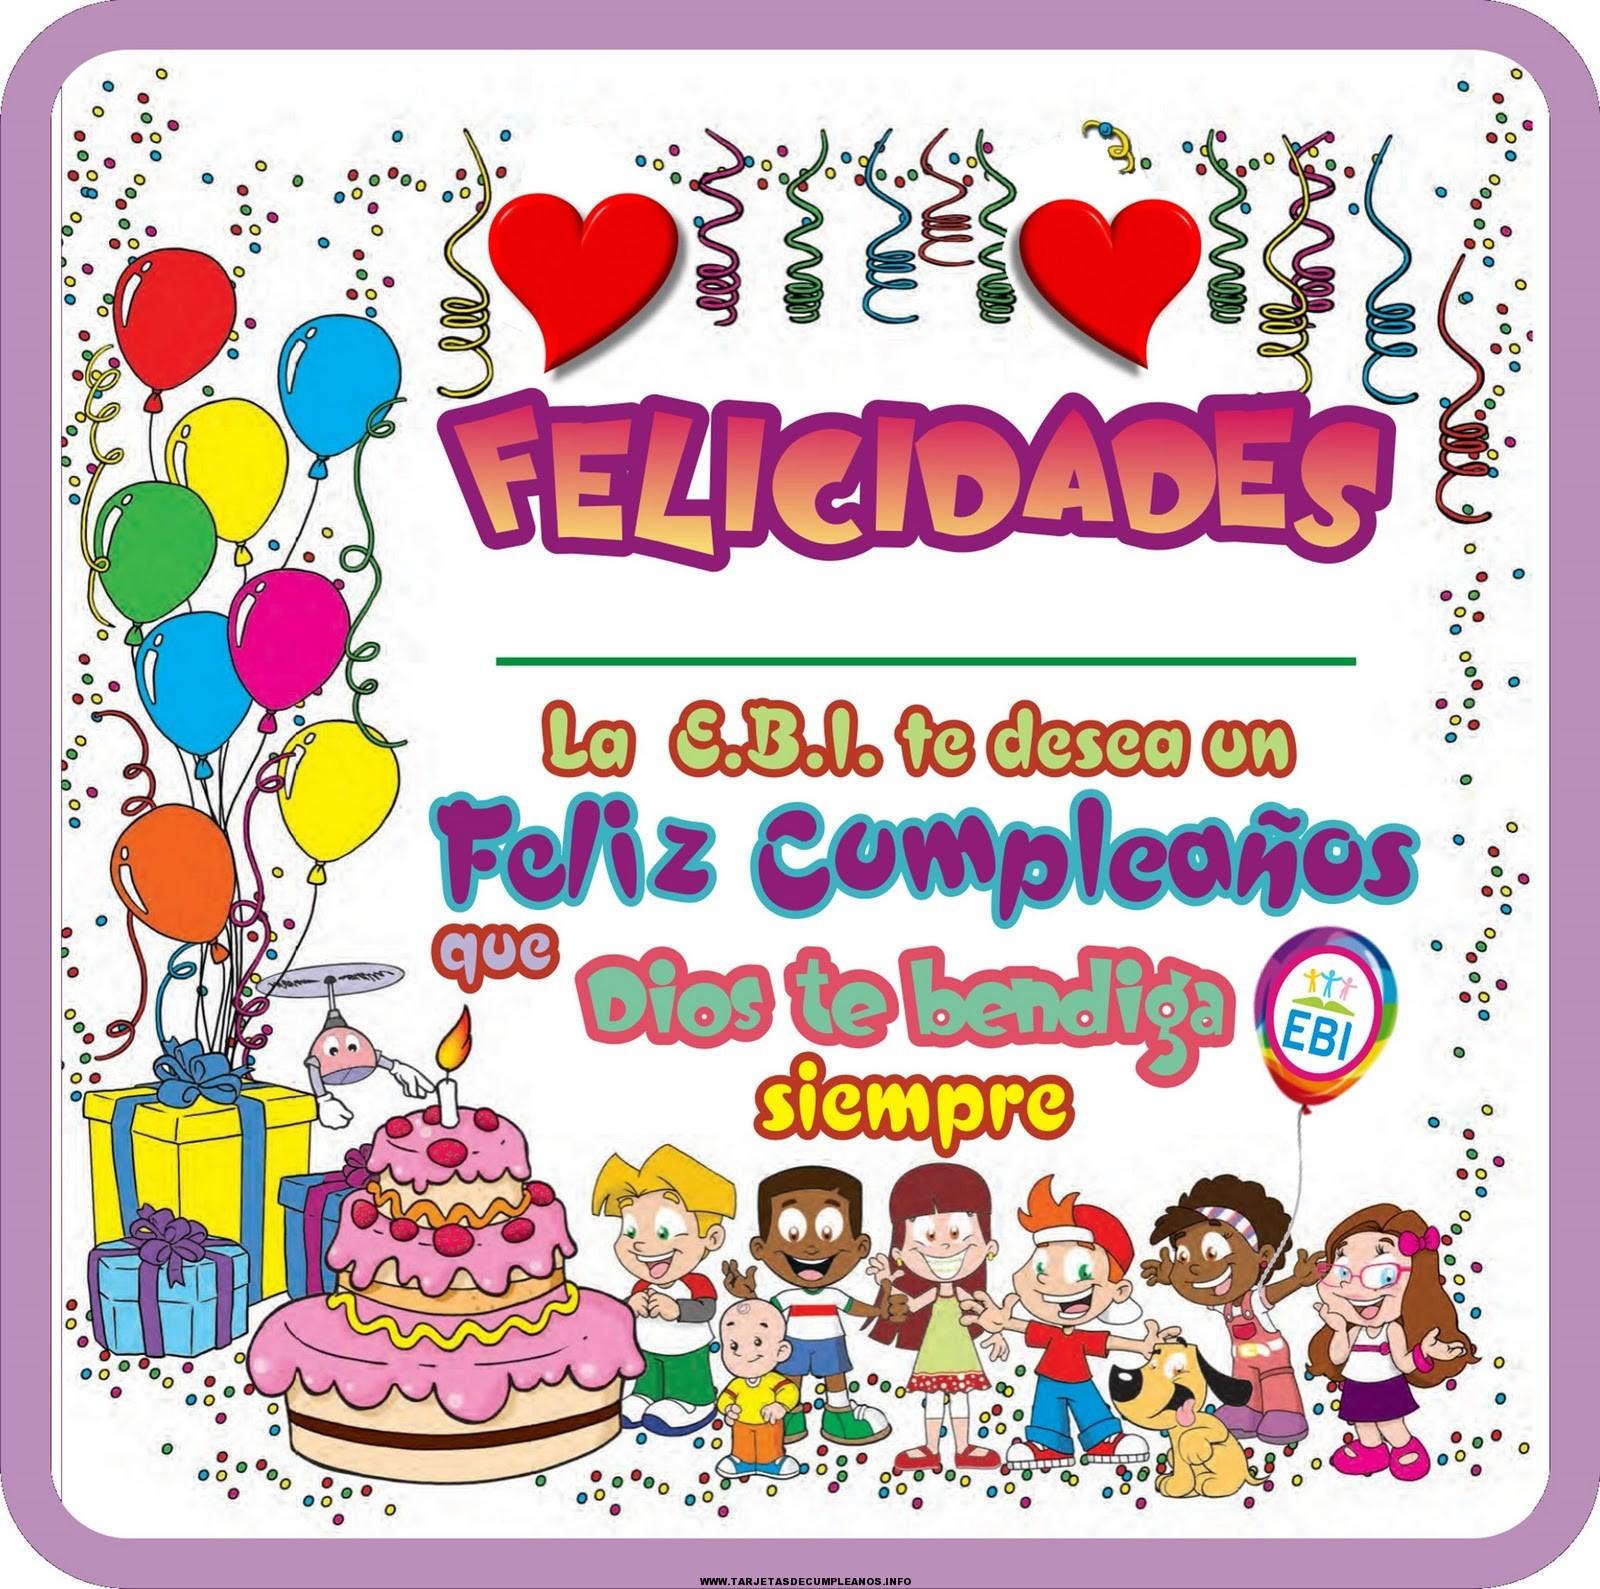 Tarjetas de cumplea os para regalar tarjetas de cumplea os - Felicitaciones cumpleanos infantiles ...